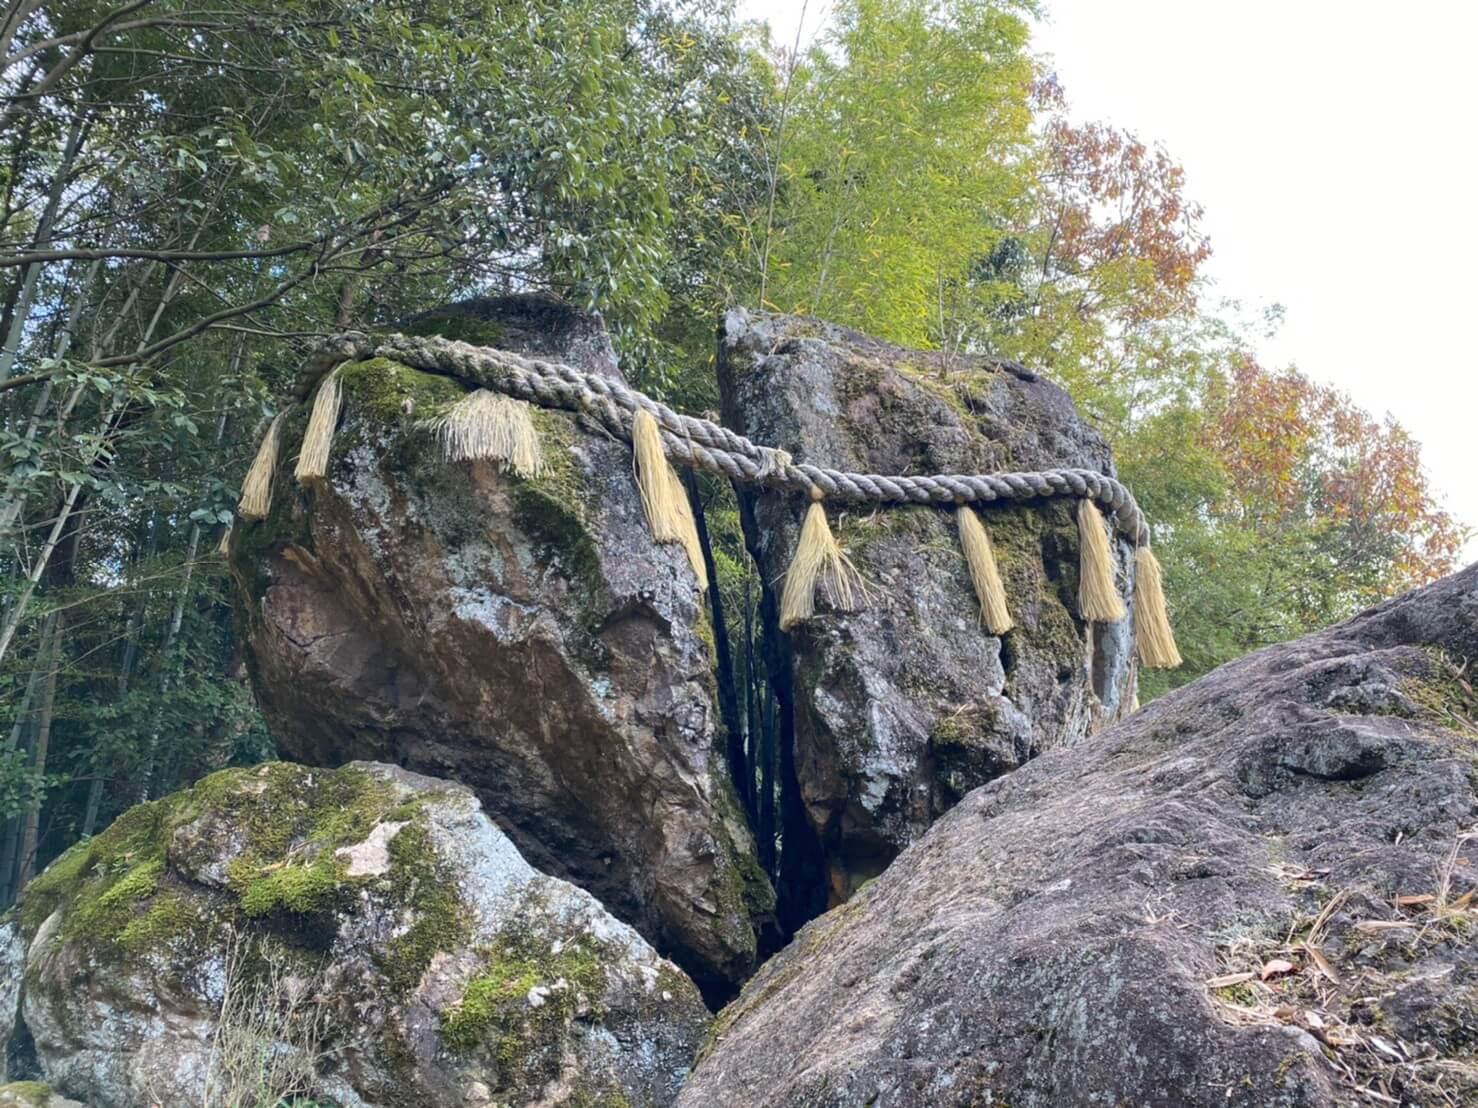 破磐神社起源の大磐石 われ岩破磐神社起源の大磐石 われ岩